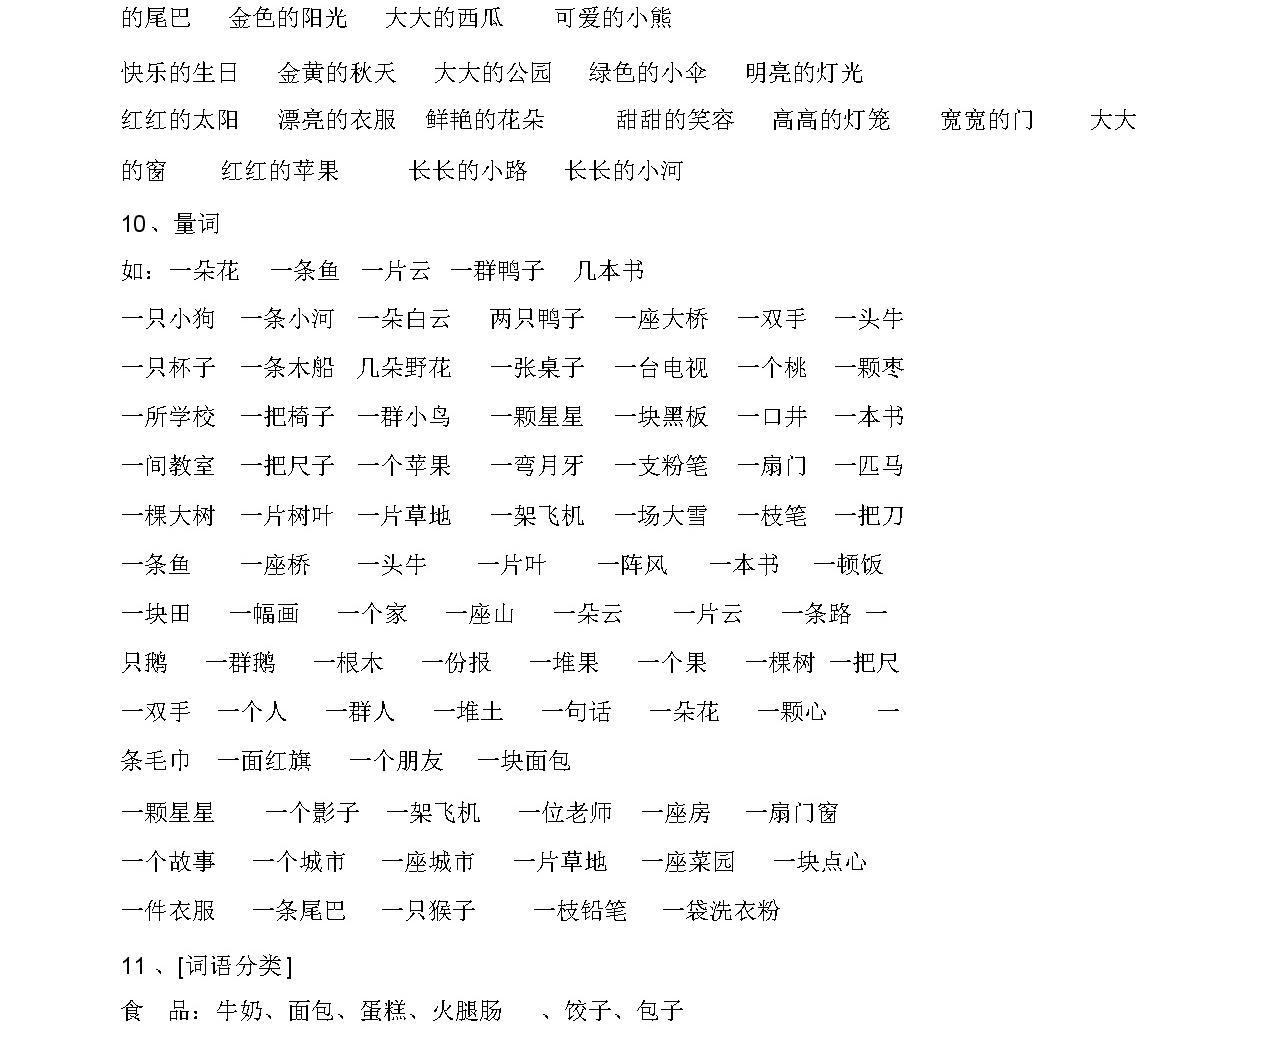 人教版 一年級語文上冊 知識點整理-8頁05